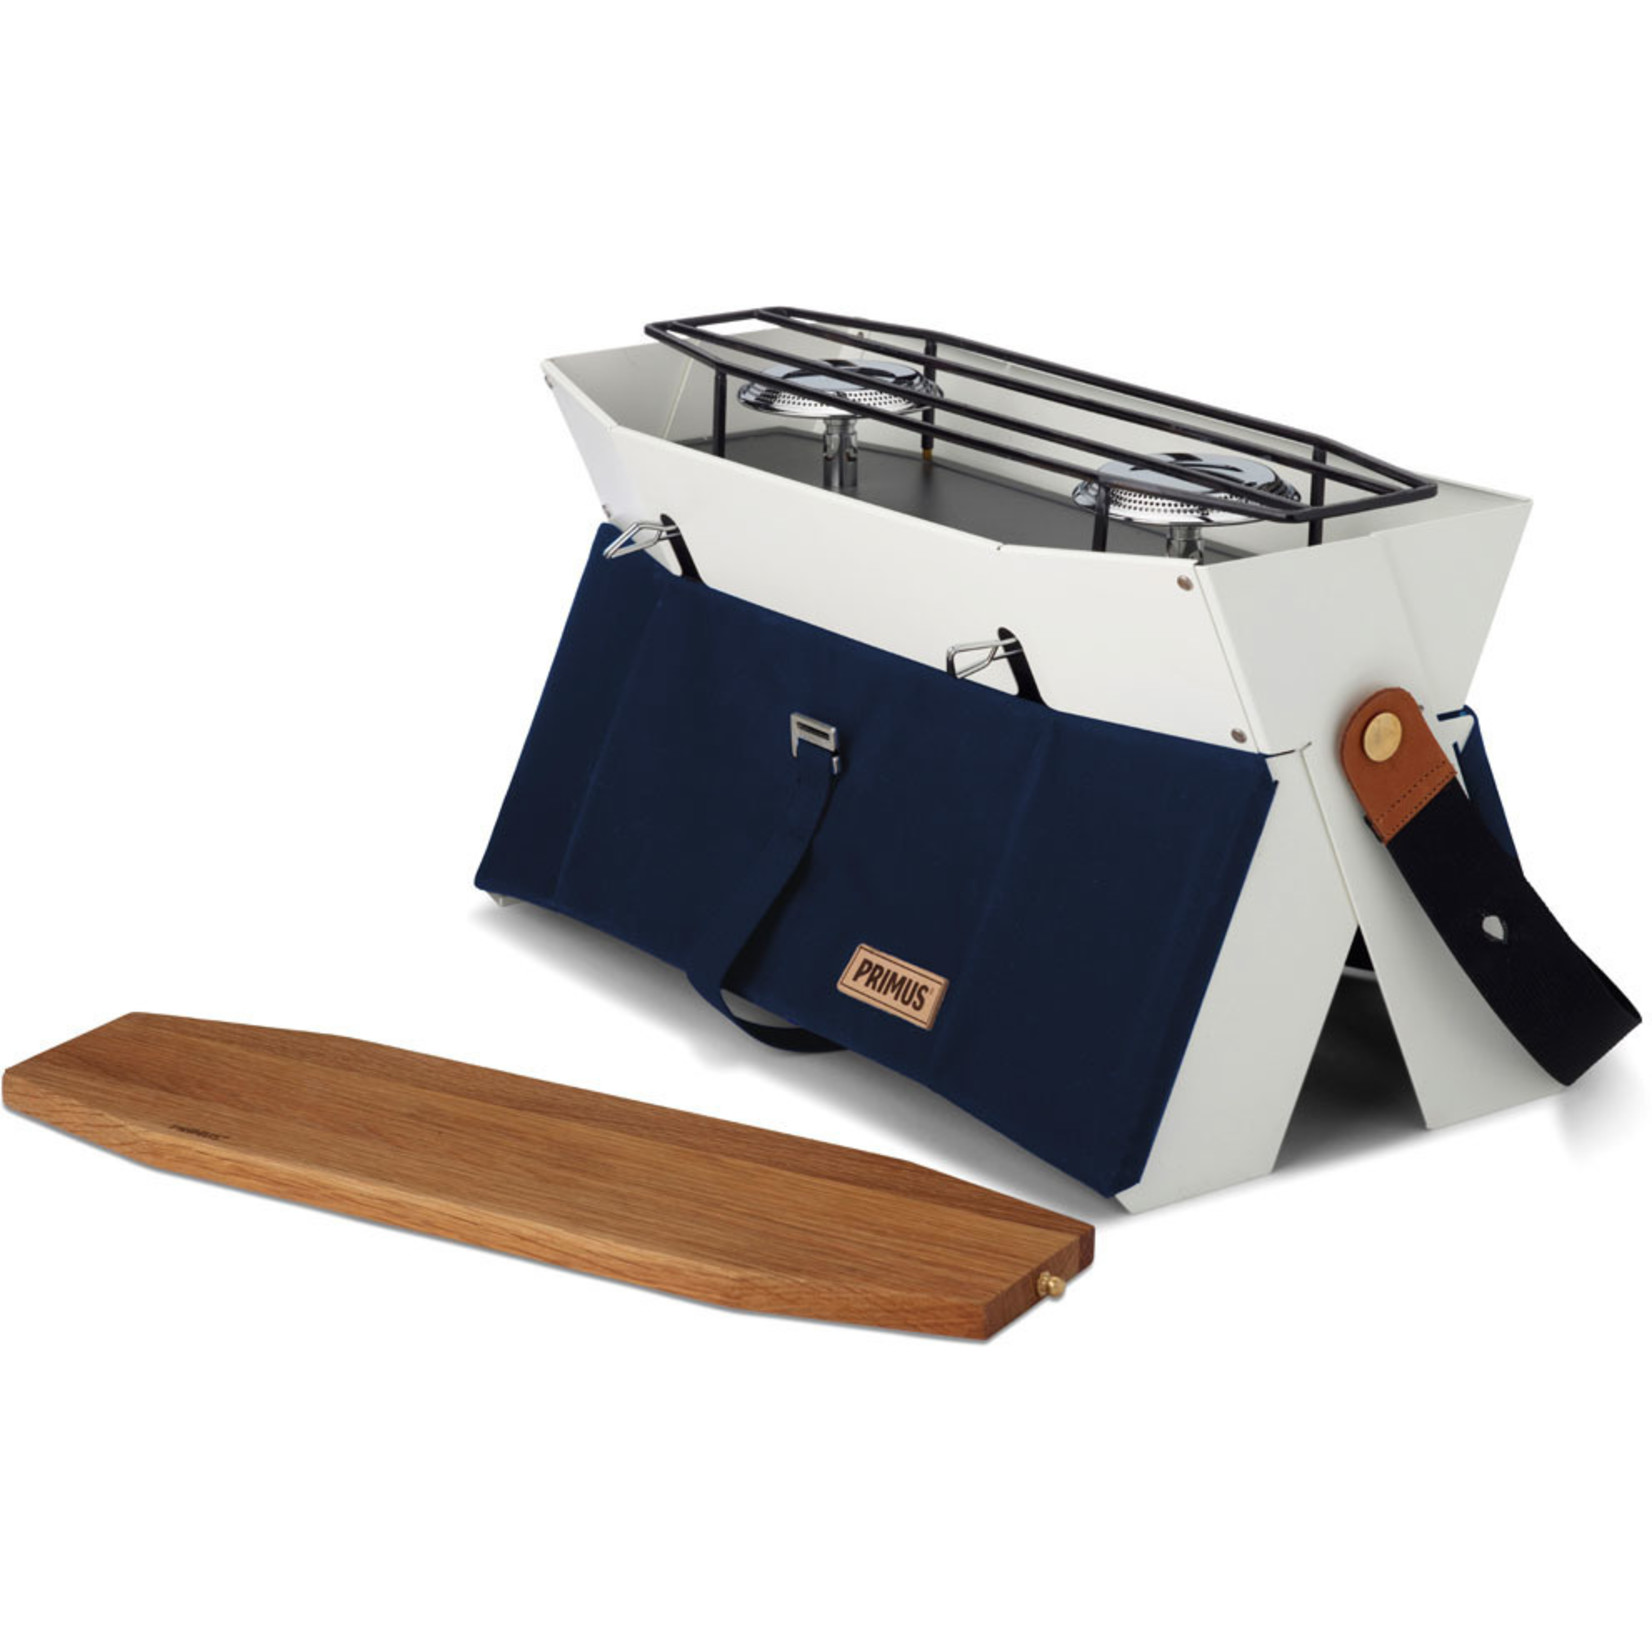 Primus Primus Onja kooktoestel, twee pits brander navy blauw